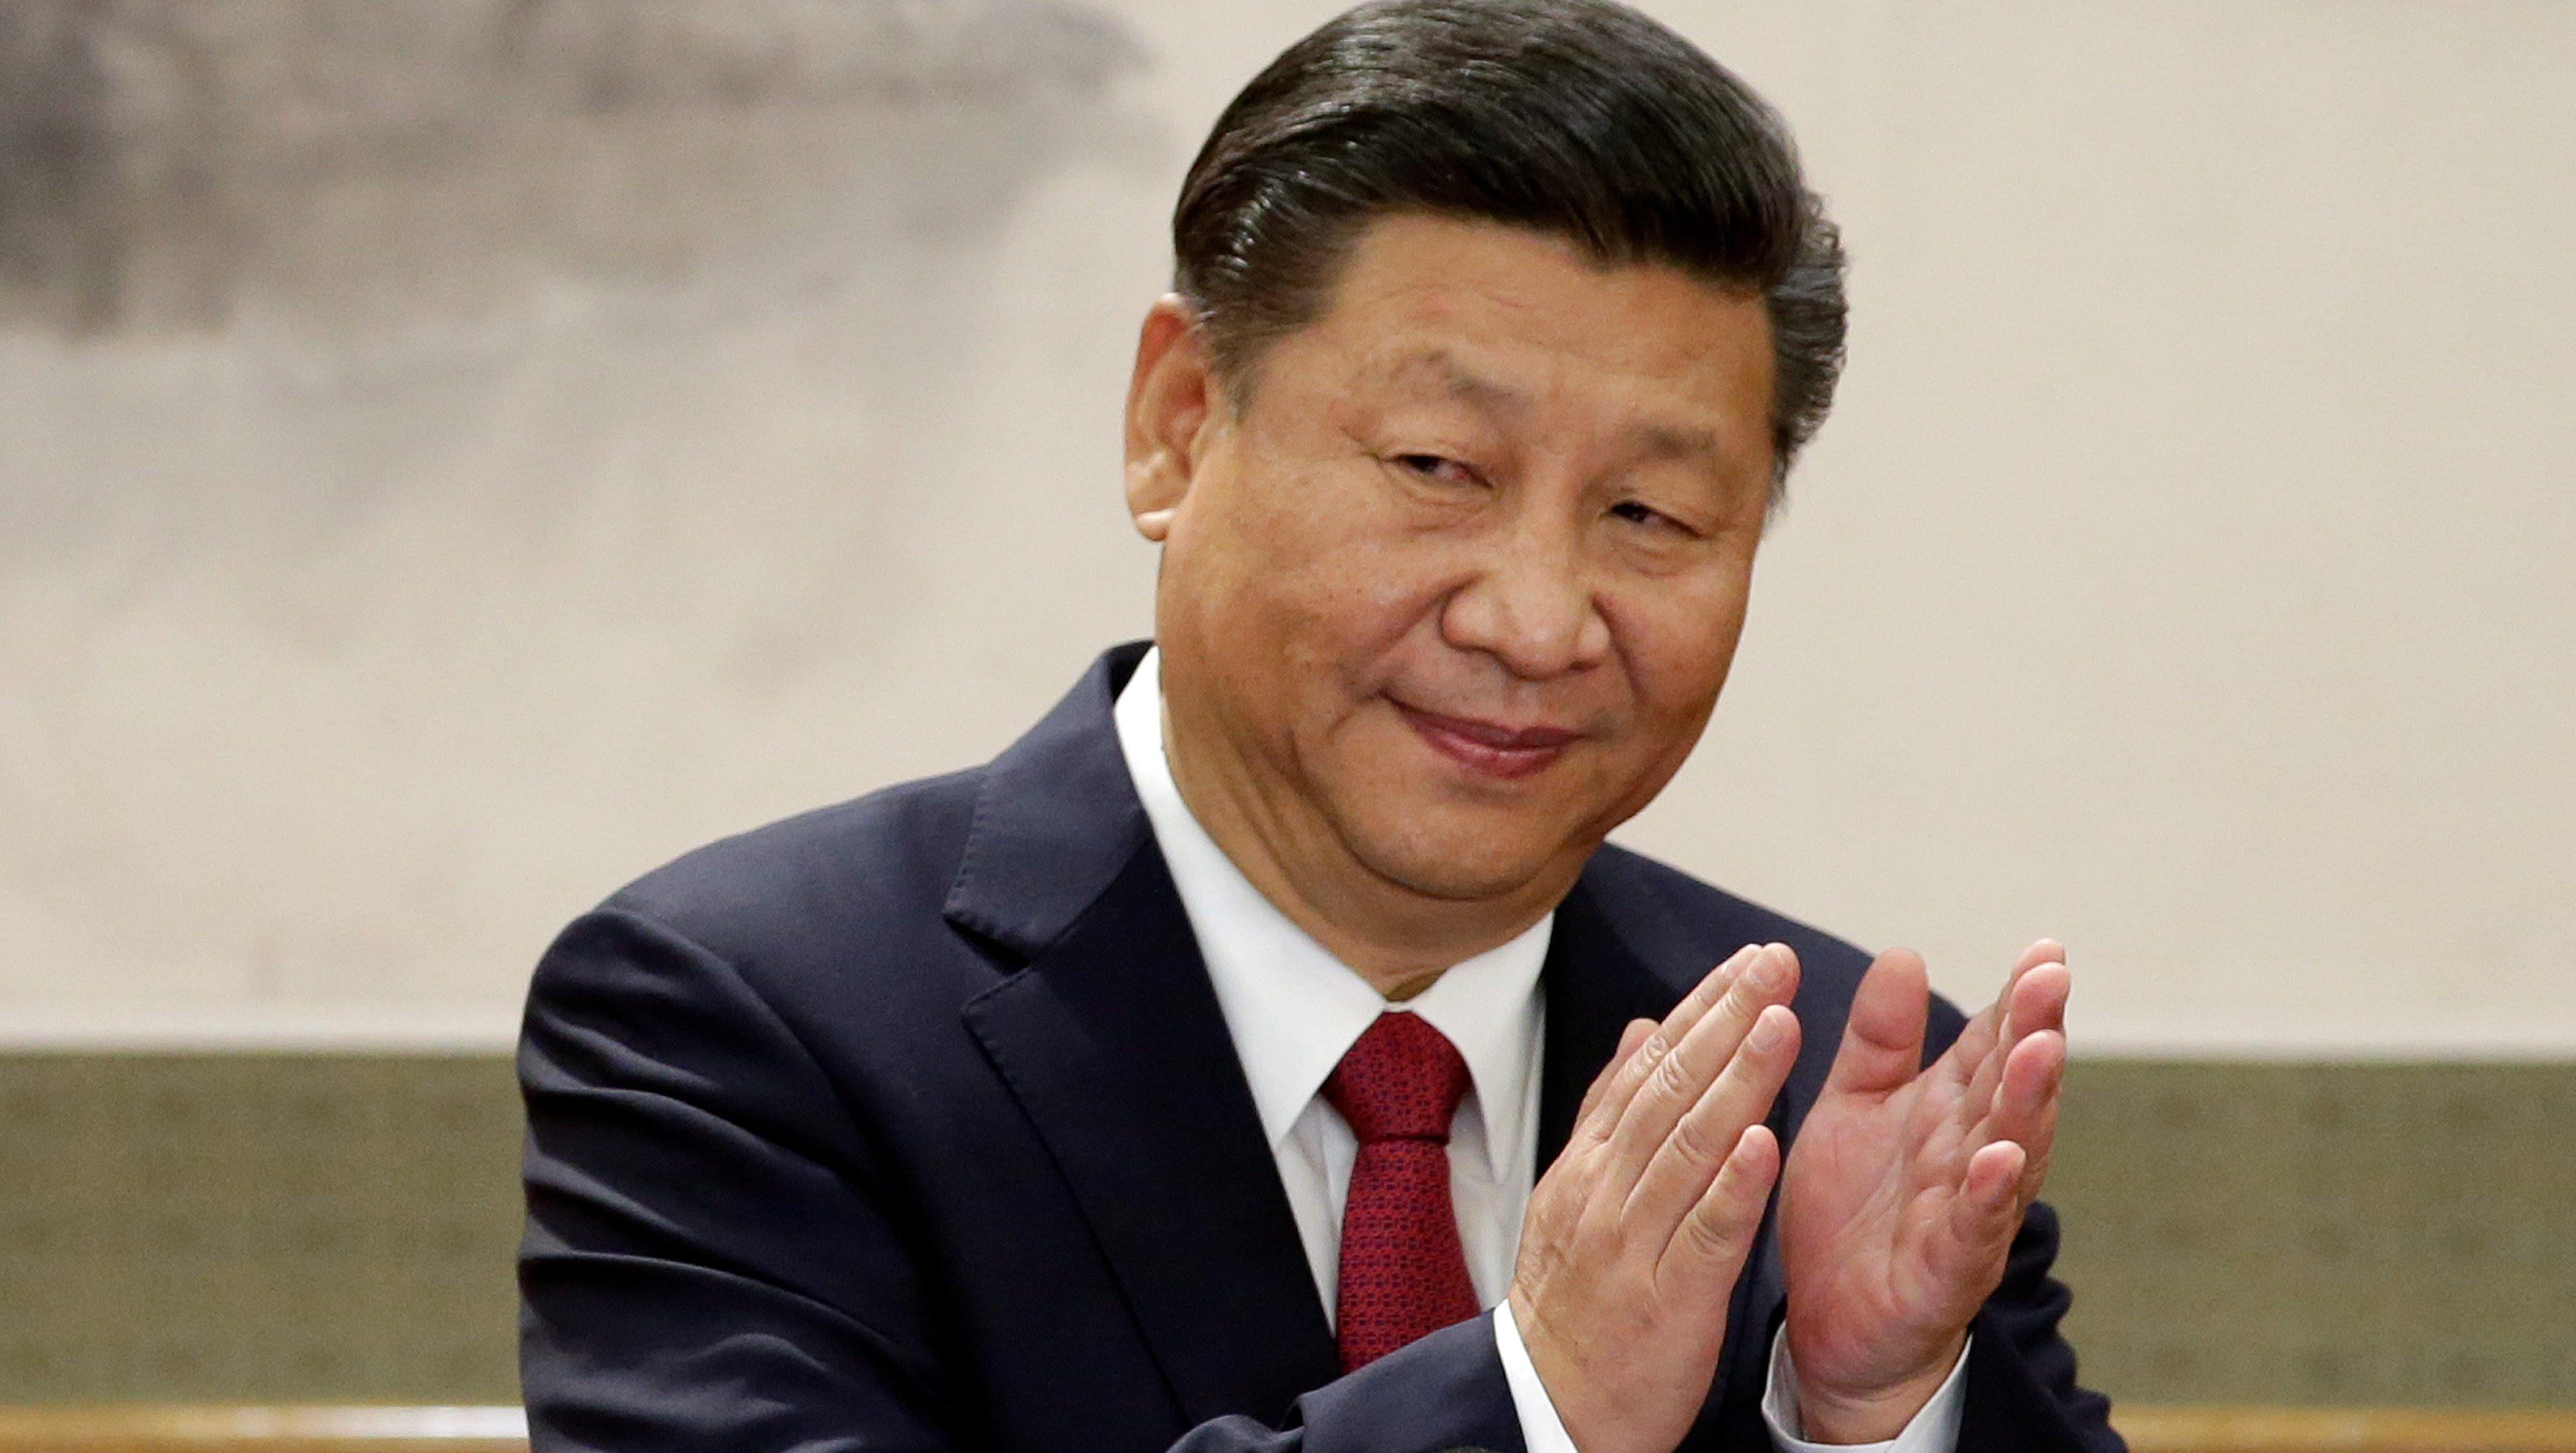 xi jinping title xi jinping is not the president of china quartz